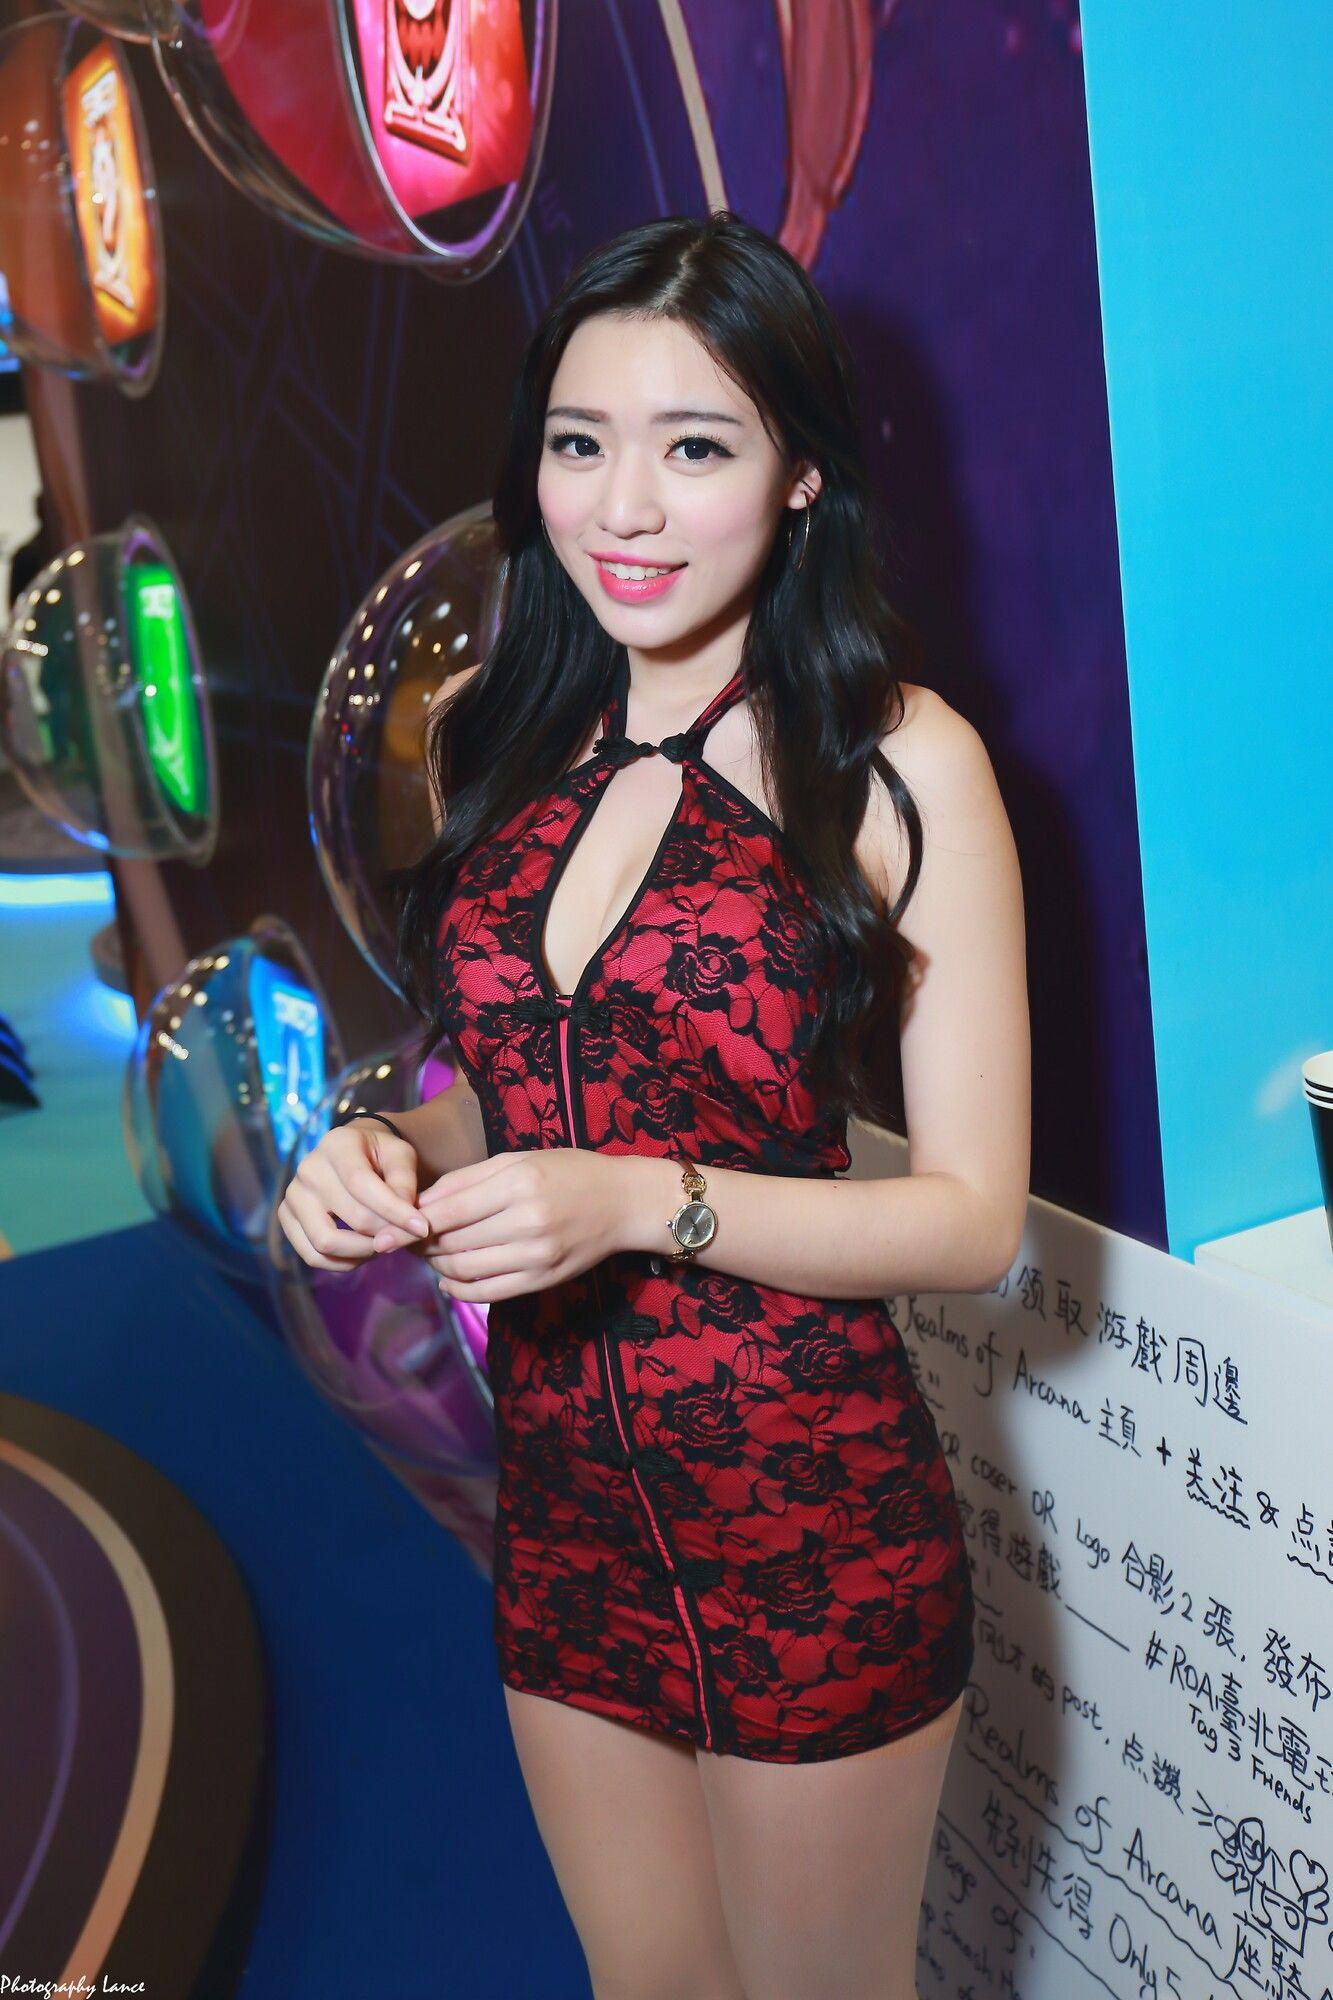 VOL.1501 [台湾正妹]Show Girl:展台美女超高清个人性感漂亮大图(100P)